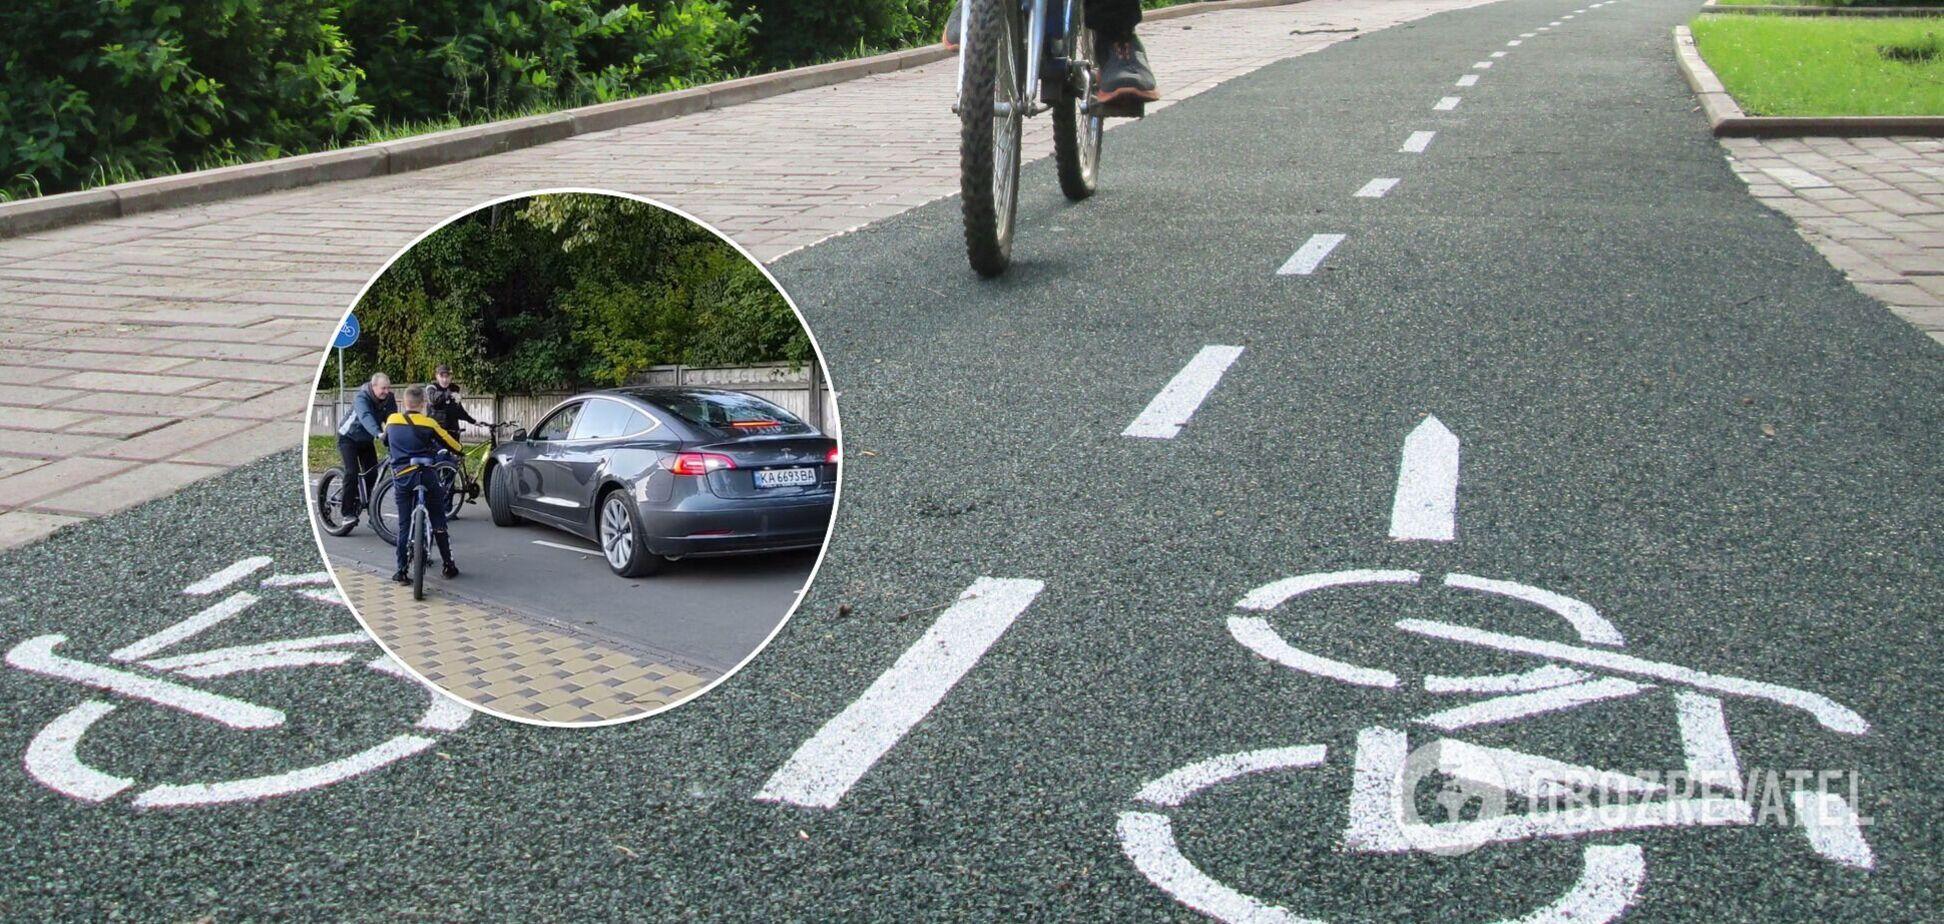 Велосипедисты заблокировали электрокар